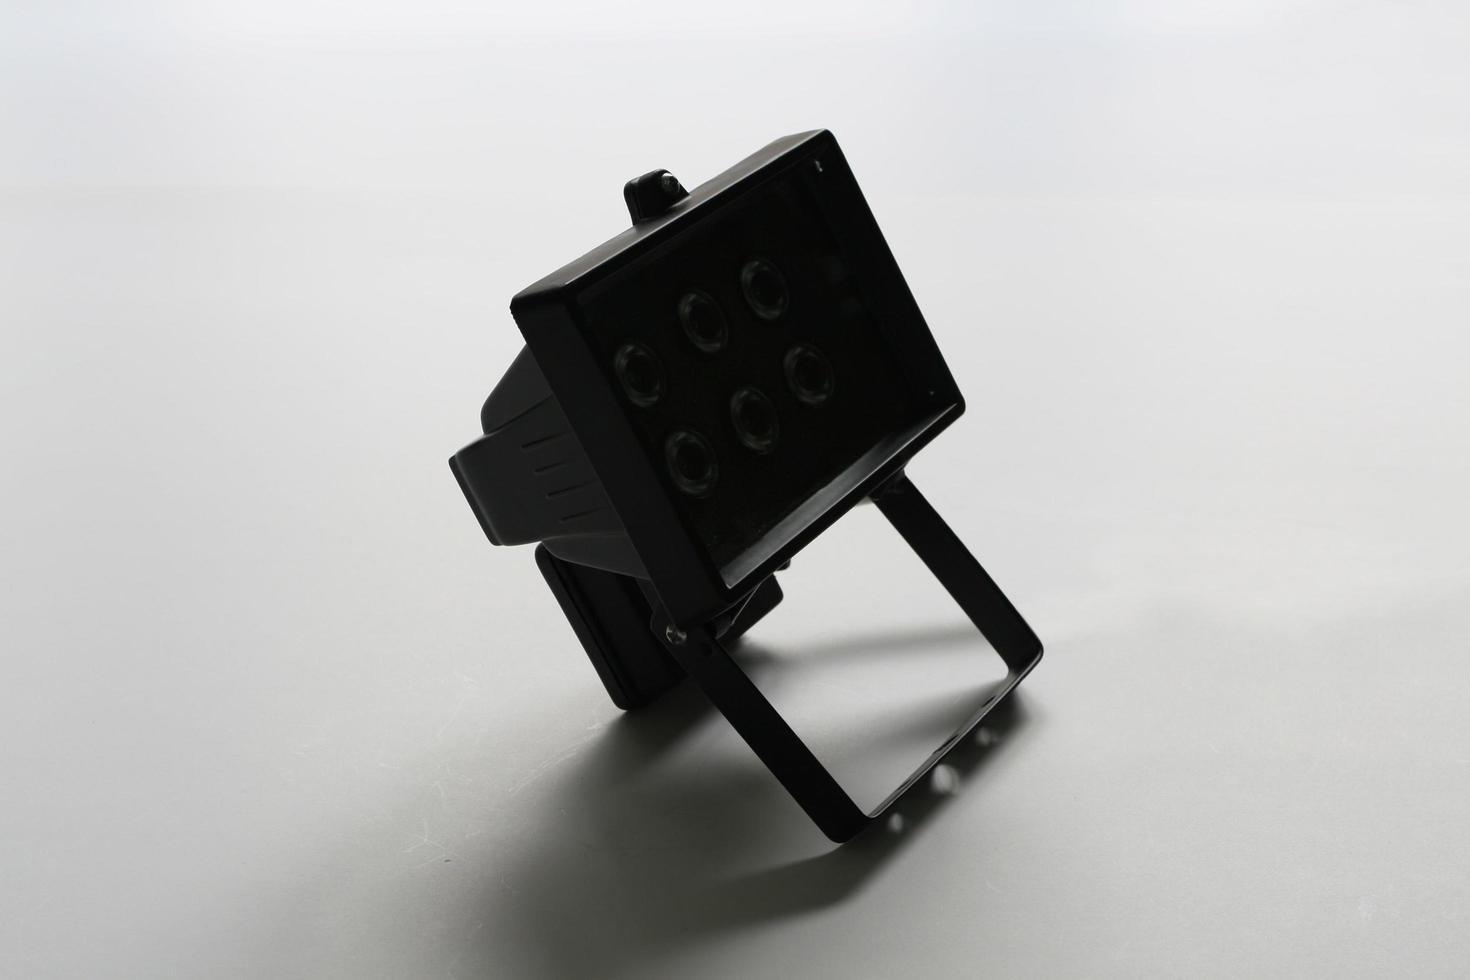 apparecchi di illuminazione a led in vari colori per illuminazione decorativa foto